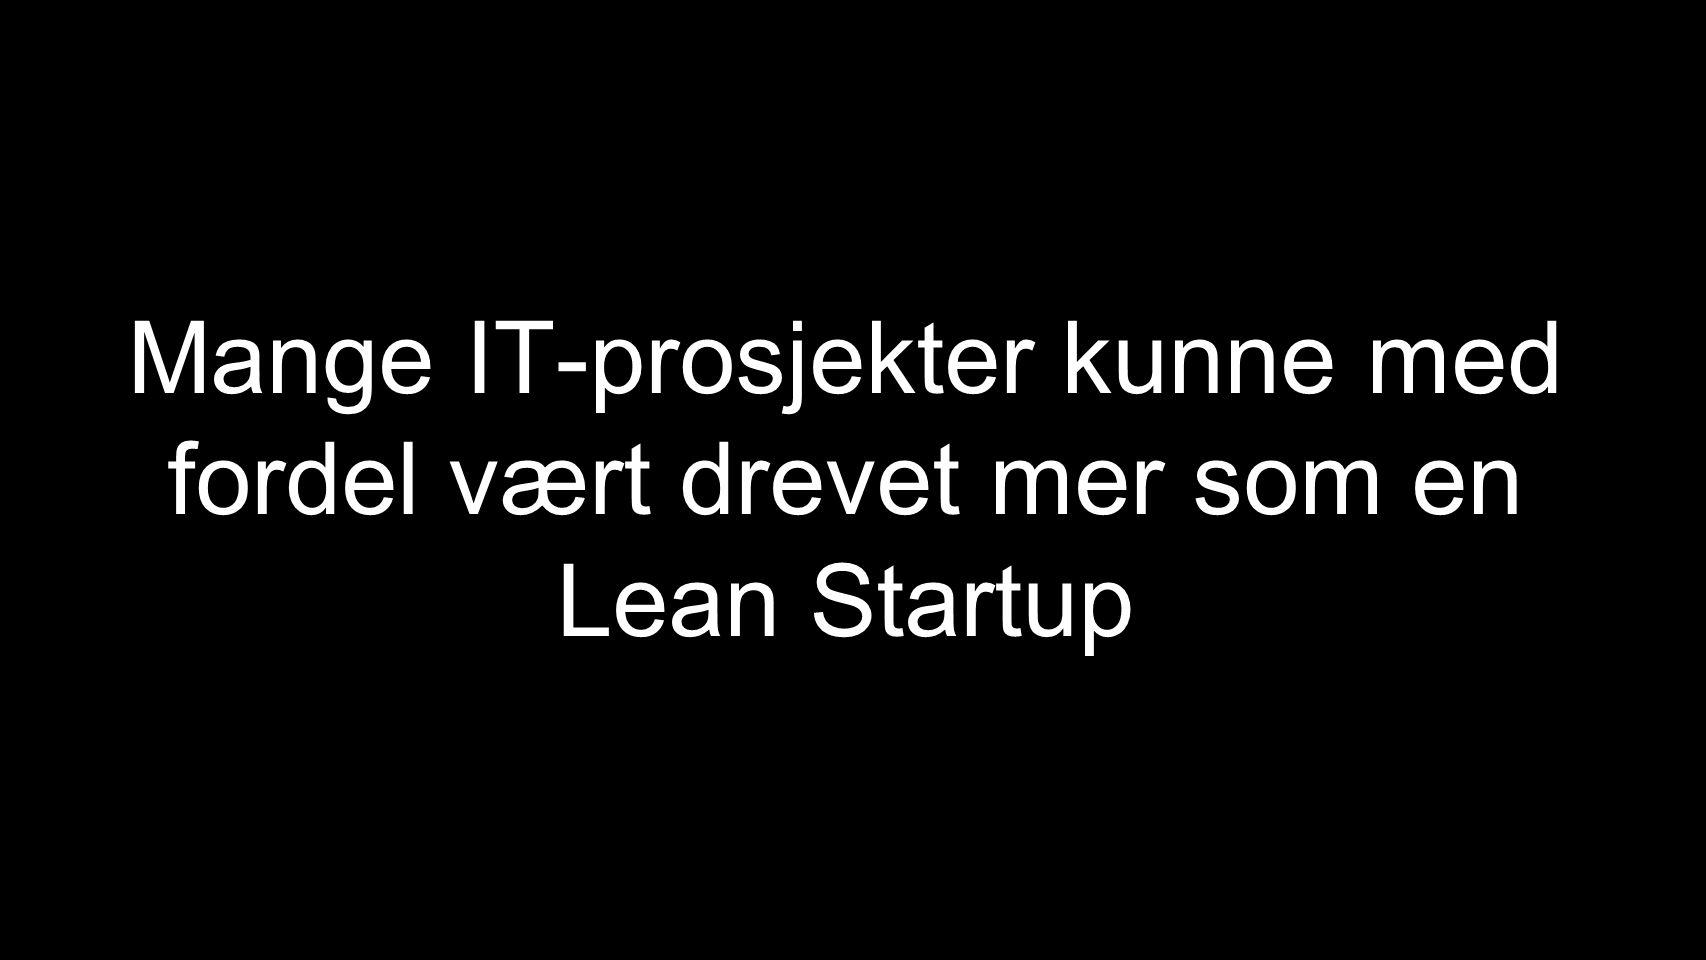 Mange IT-prosjekter kunne med fordel vært drevet mer som en Lean Startup